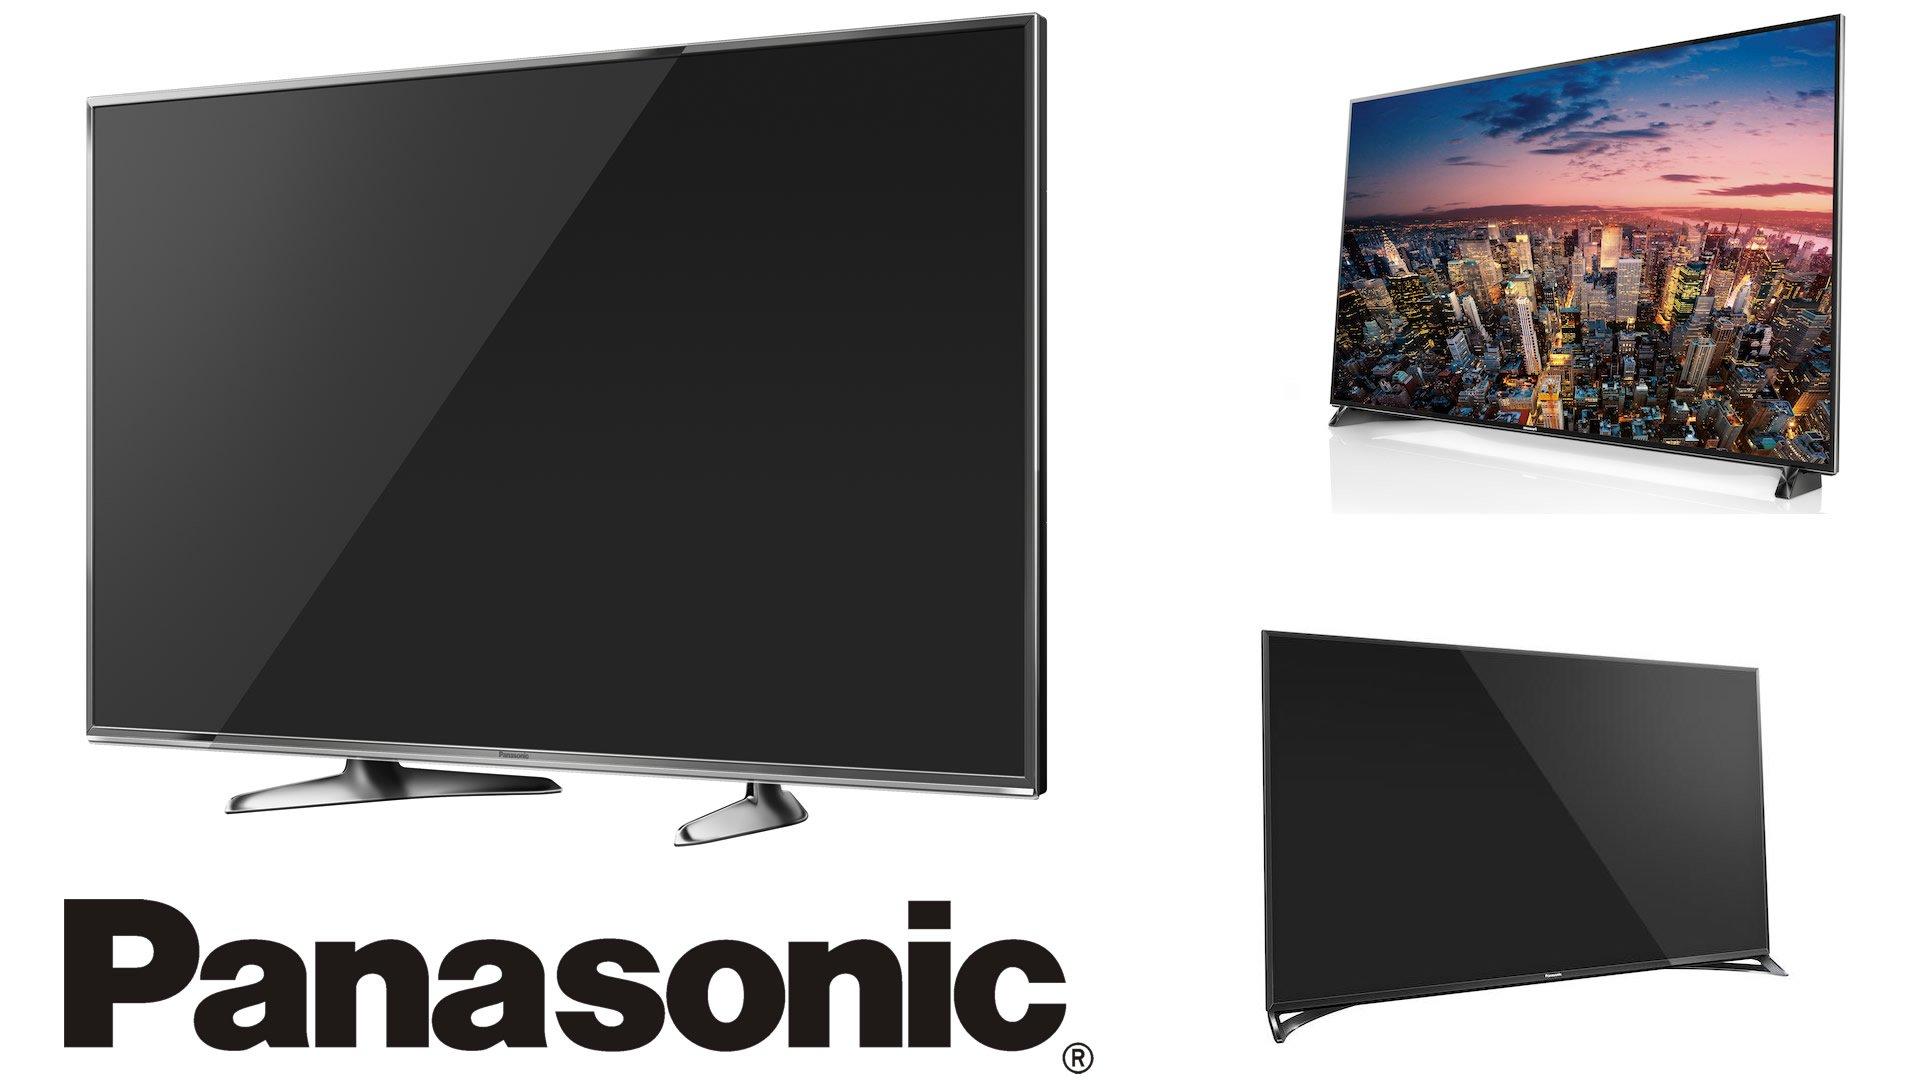 Kom godt i gang med dit Panasonic TV - Manual Se Videoguide